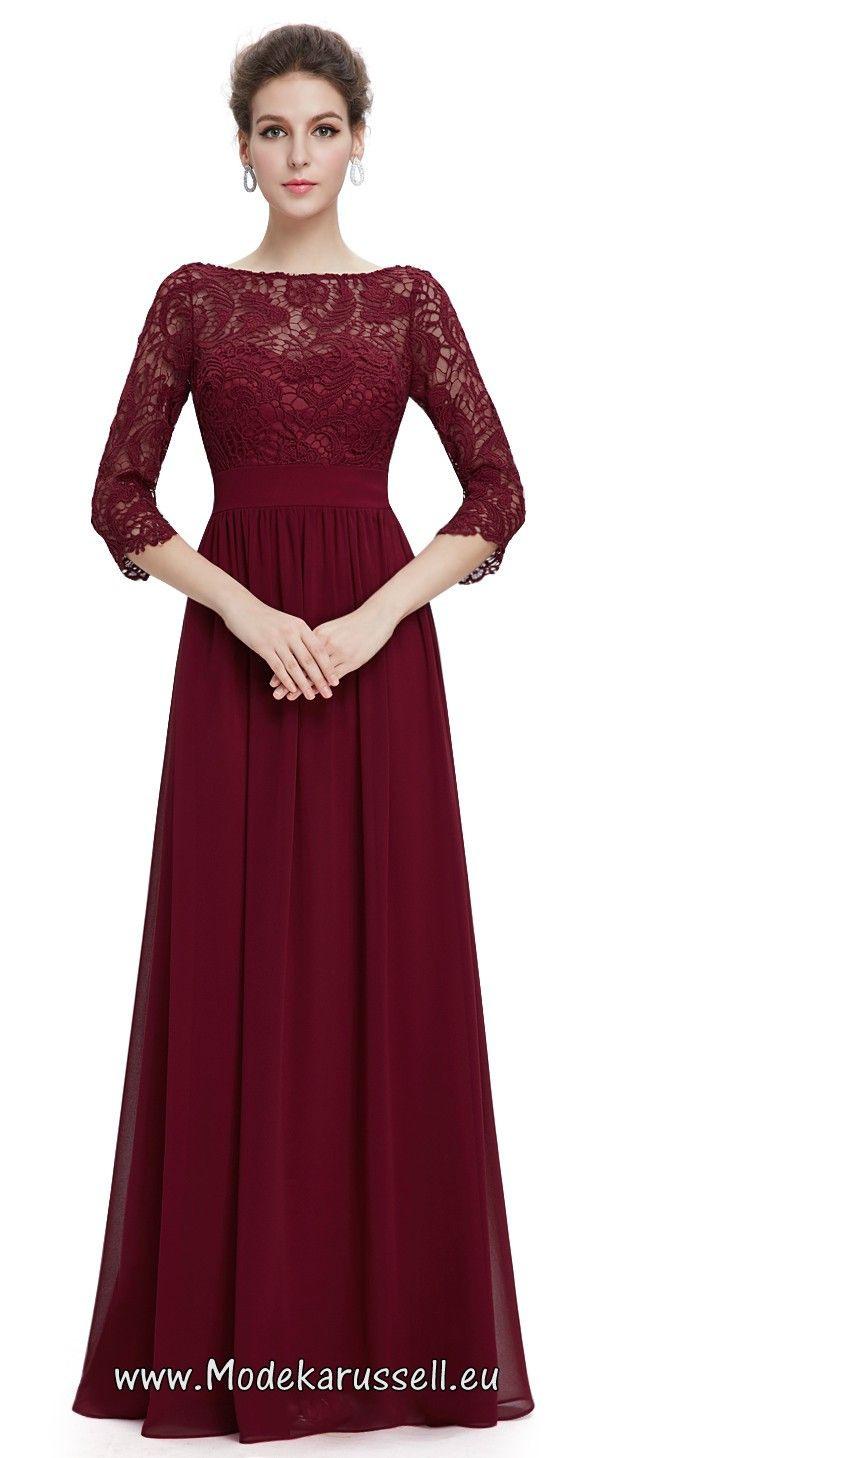 10 Einfach Abendkleid Dunkelrot Boutique15 Fantastisch Abendkleid Dunkelrot Ärmel